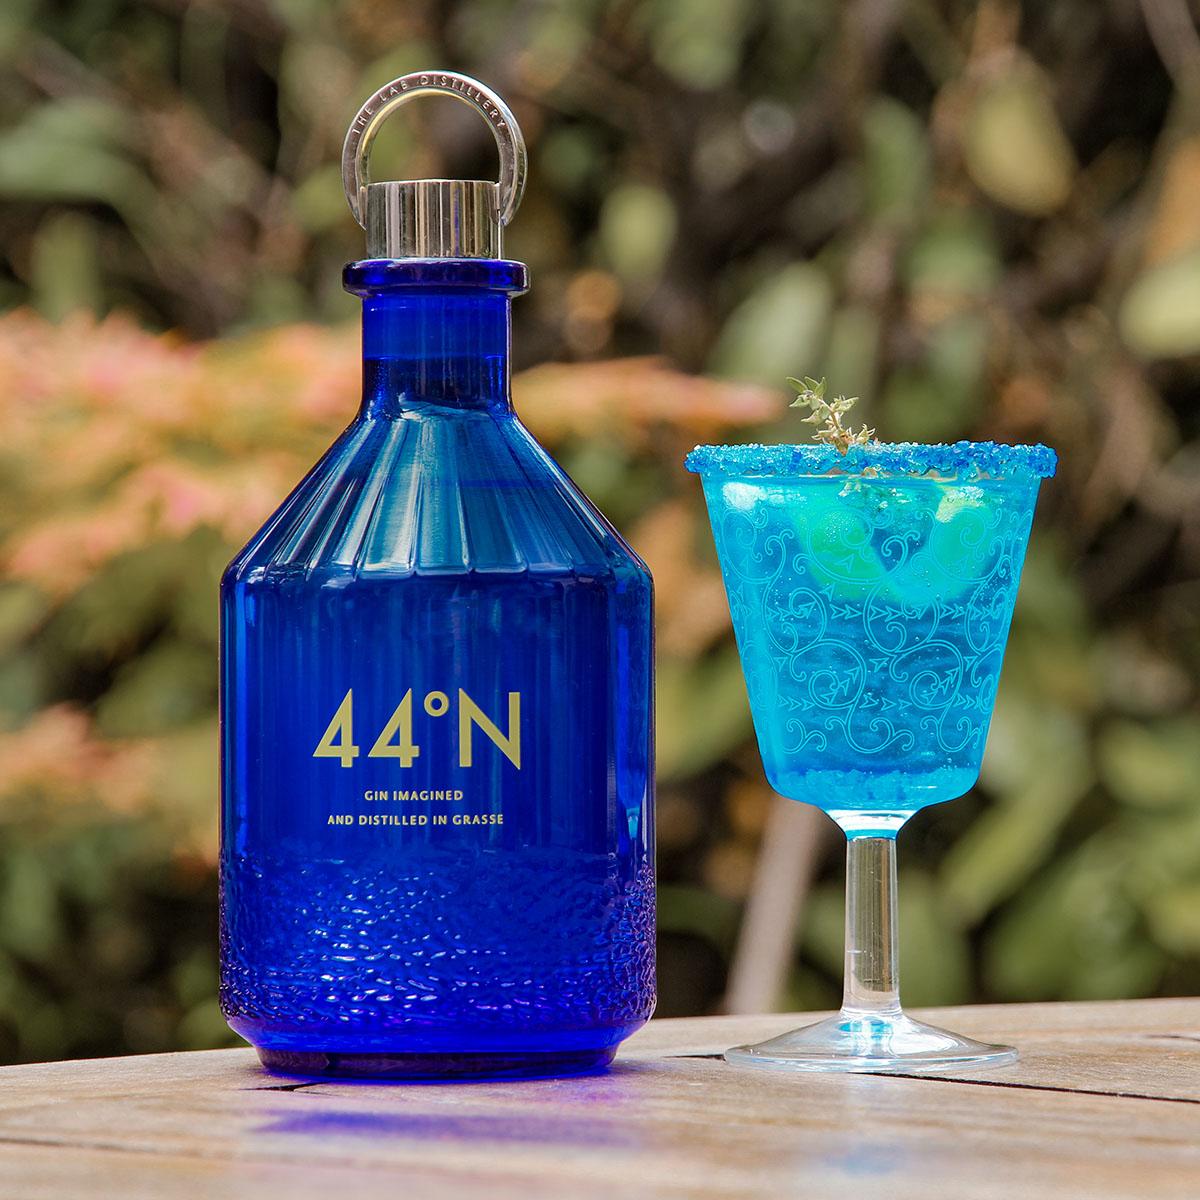 Gin 44°N